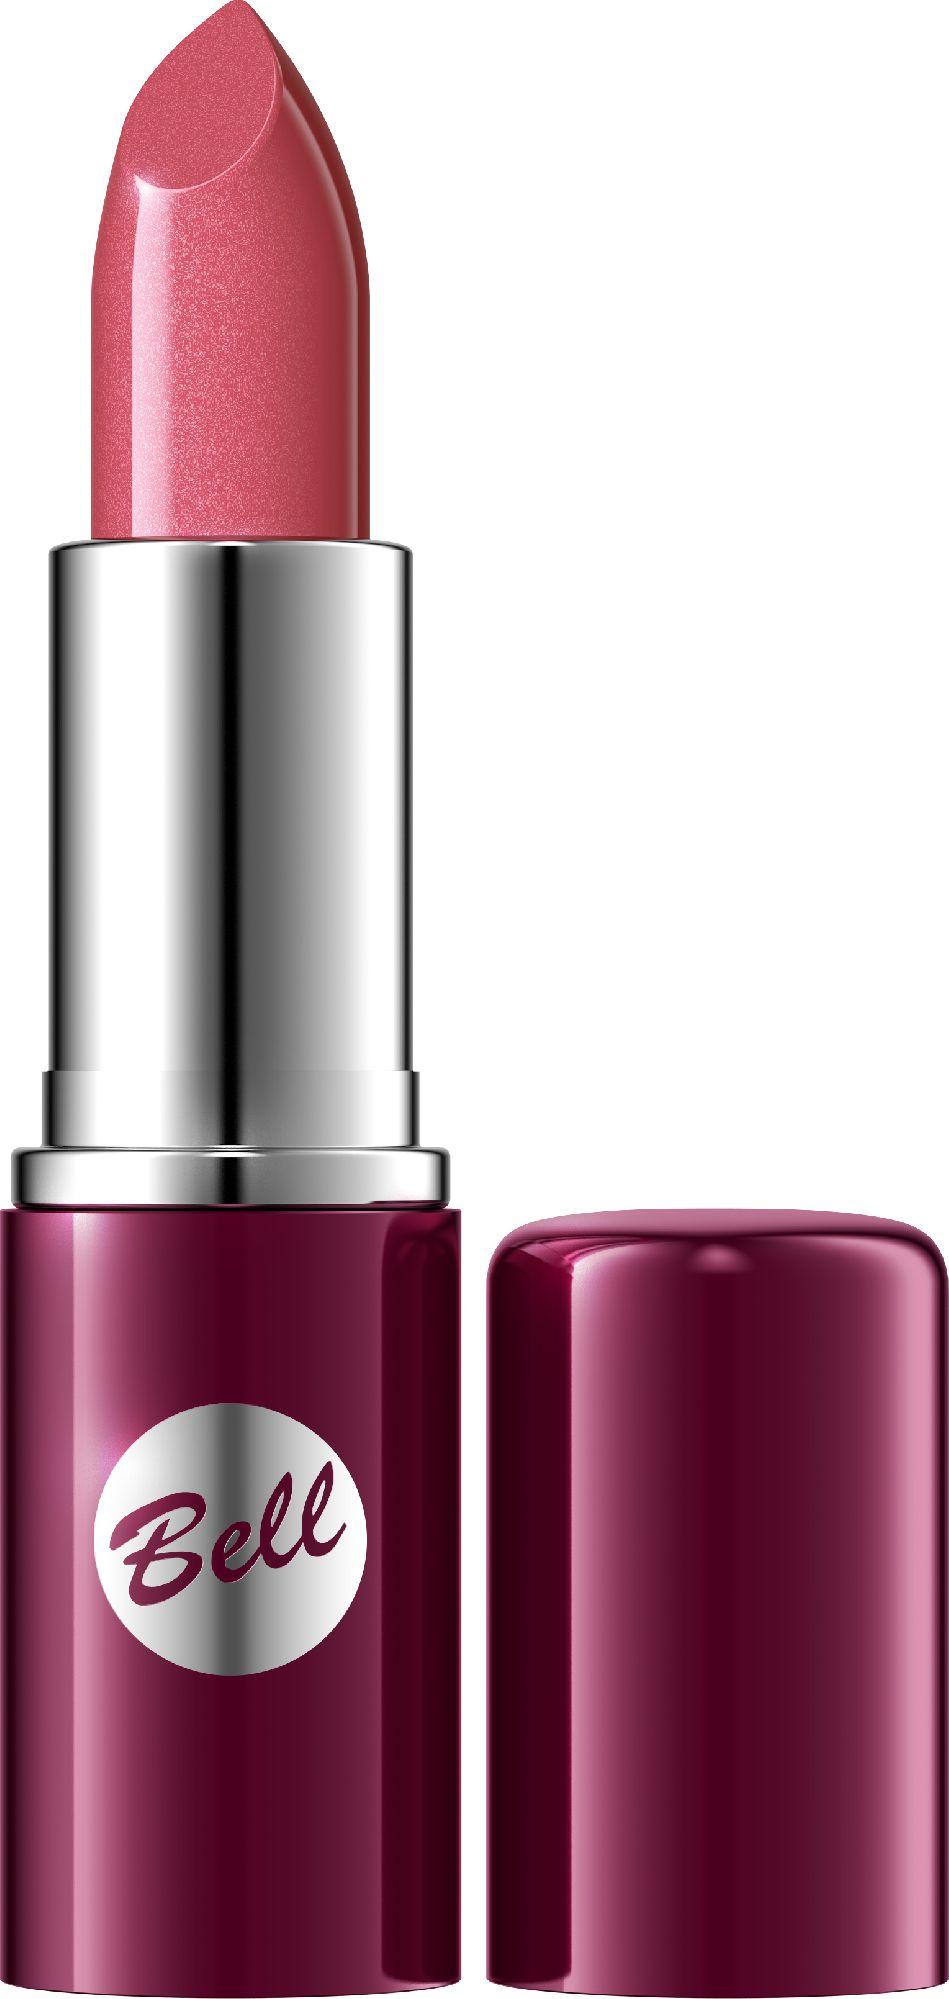 BELL Lipstick Classic 4 - 830046 Lūpu krāsas, zīmulis